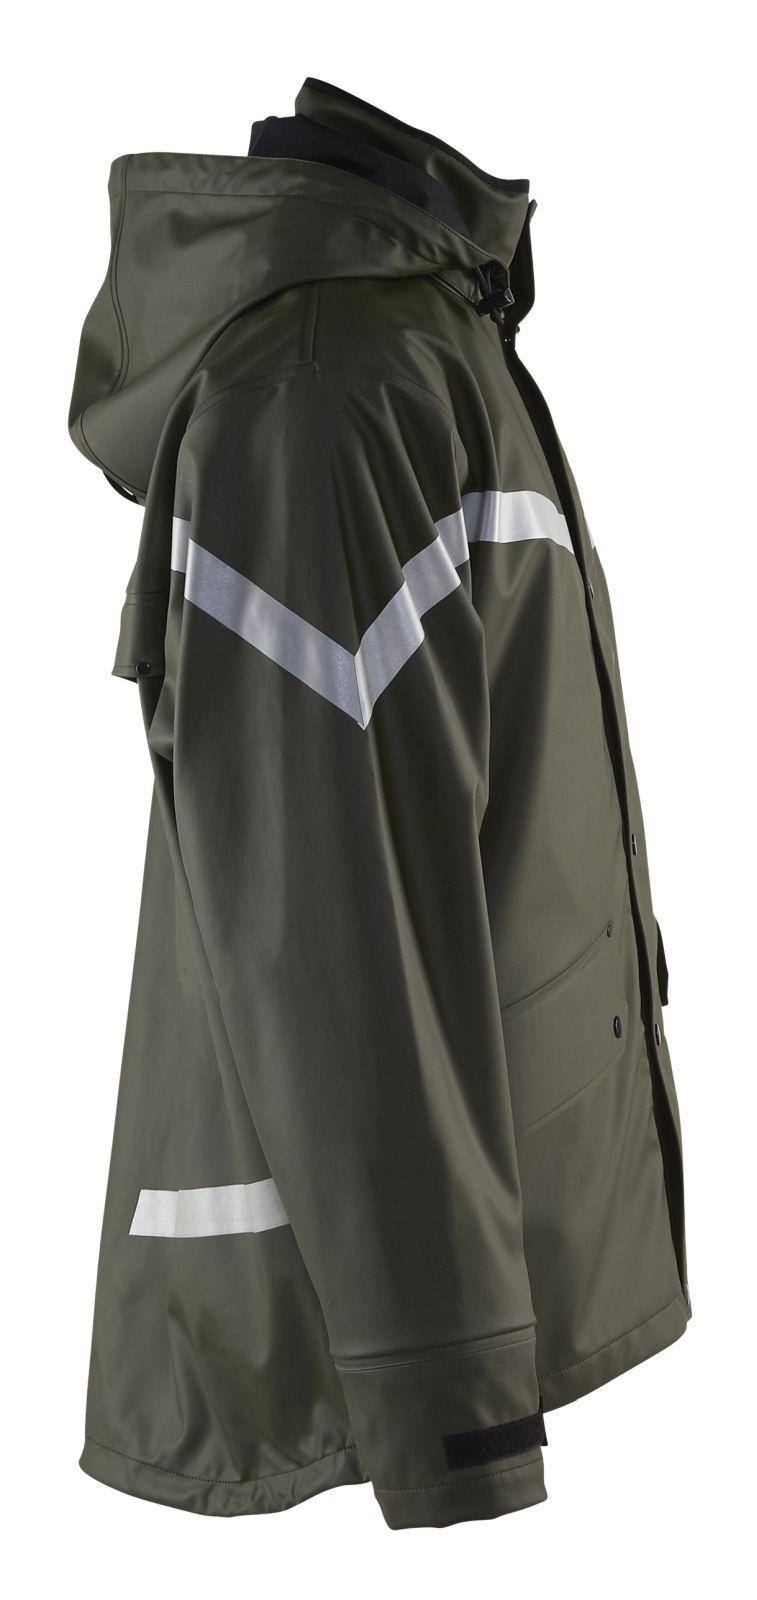 Blaklader Regenjacks 43052003 army groen(4600)